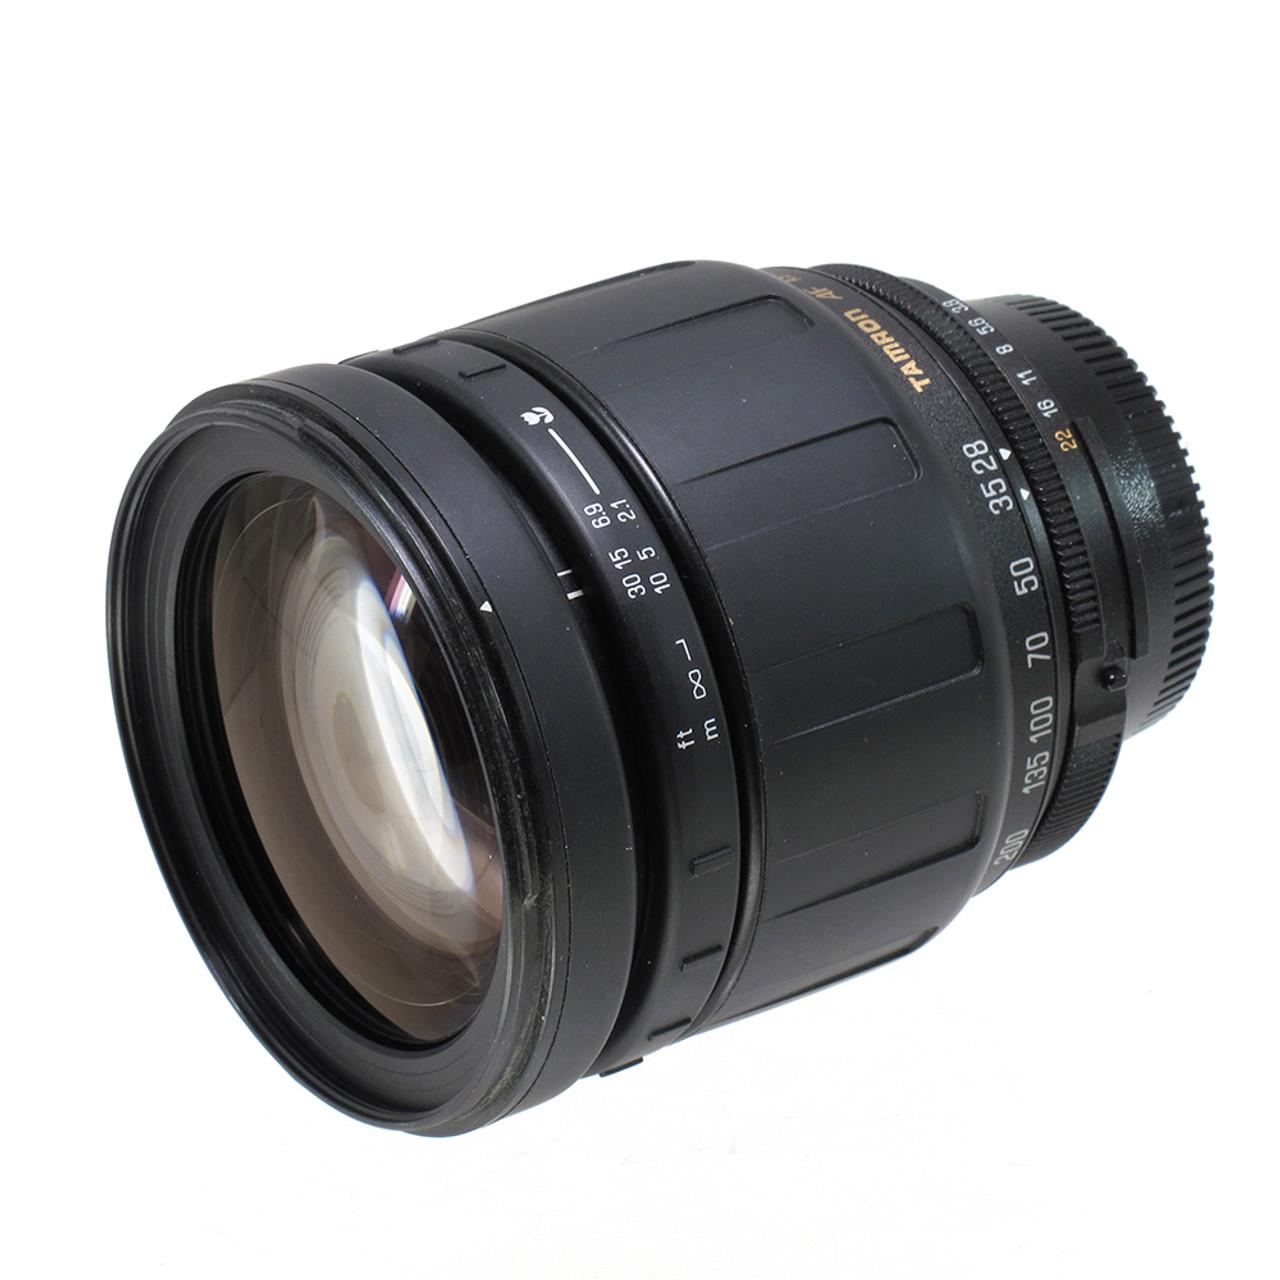 USED TAMRON AF 28-300MM F3.8-5.6